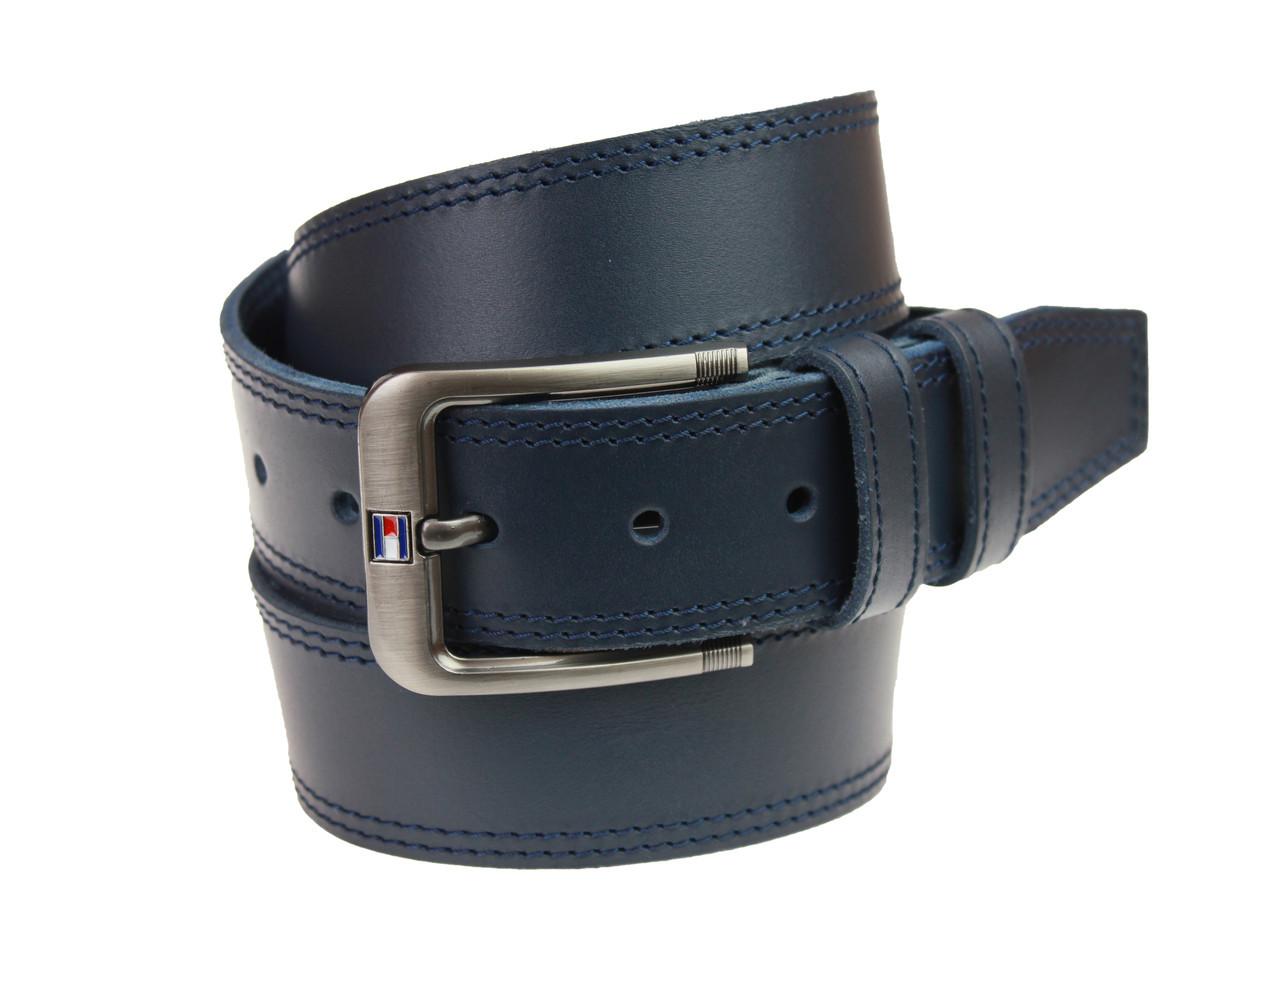 Ремень мужской кожаный джинсовый двойная строчка SULLIVAN  RMK-88(8) 115-150 см синий